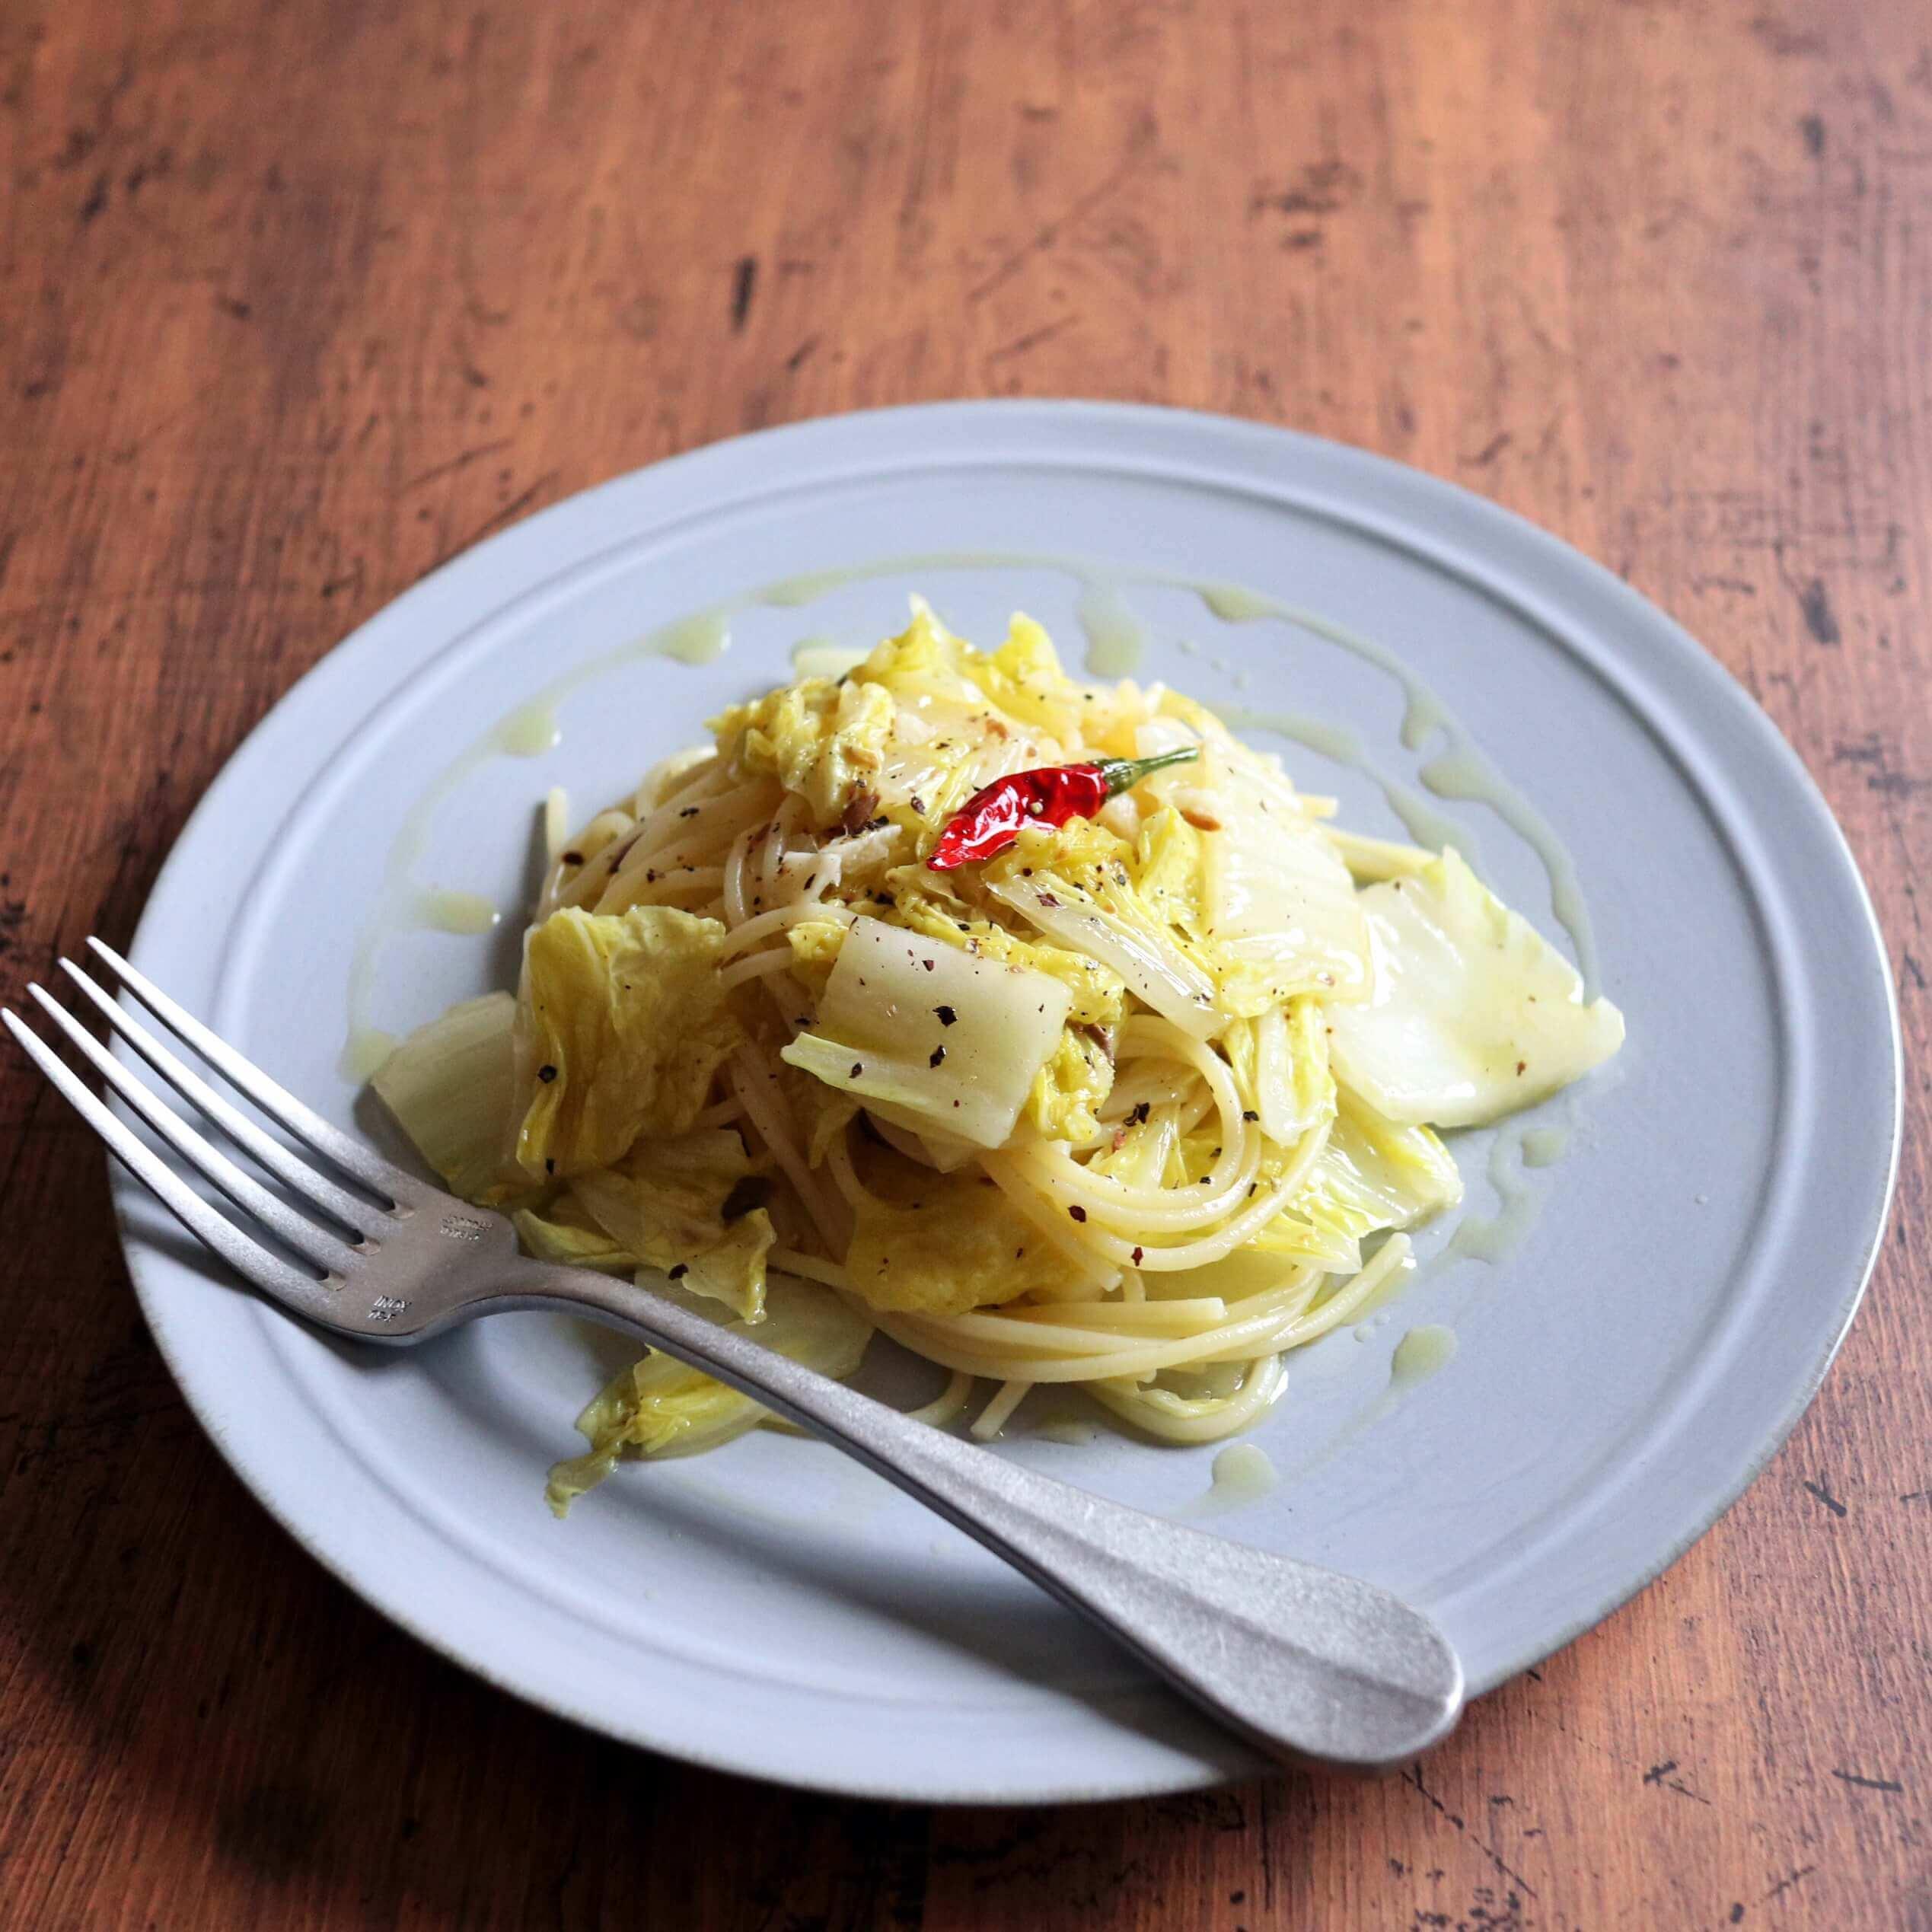 【簡単美味しい!】白菜のアンチョビパスタのレシピ